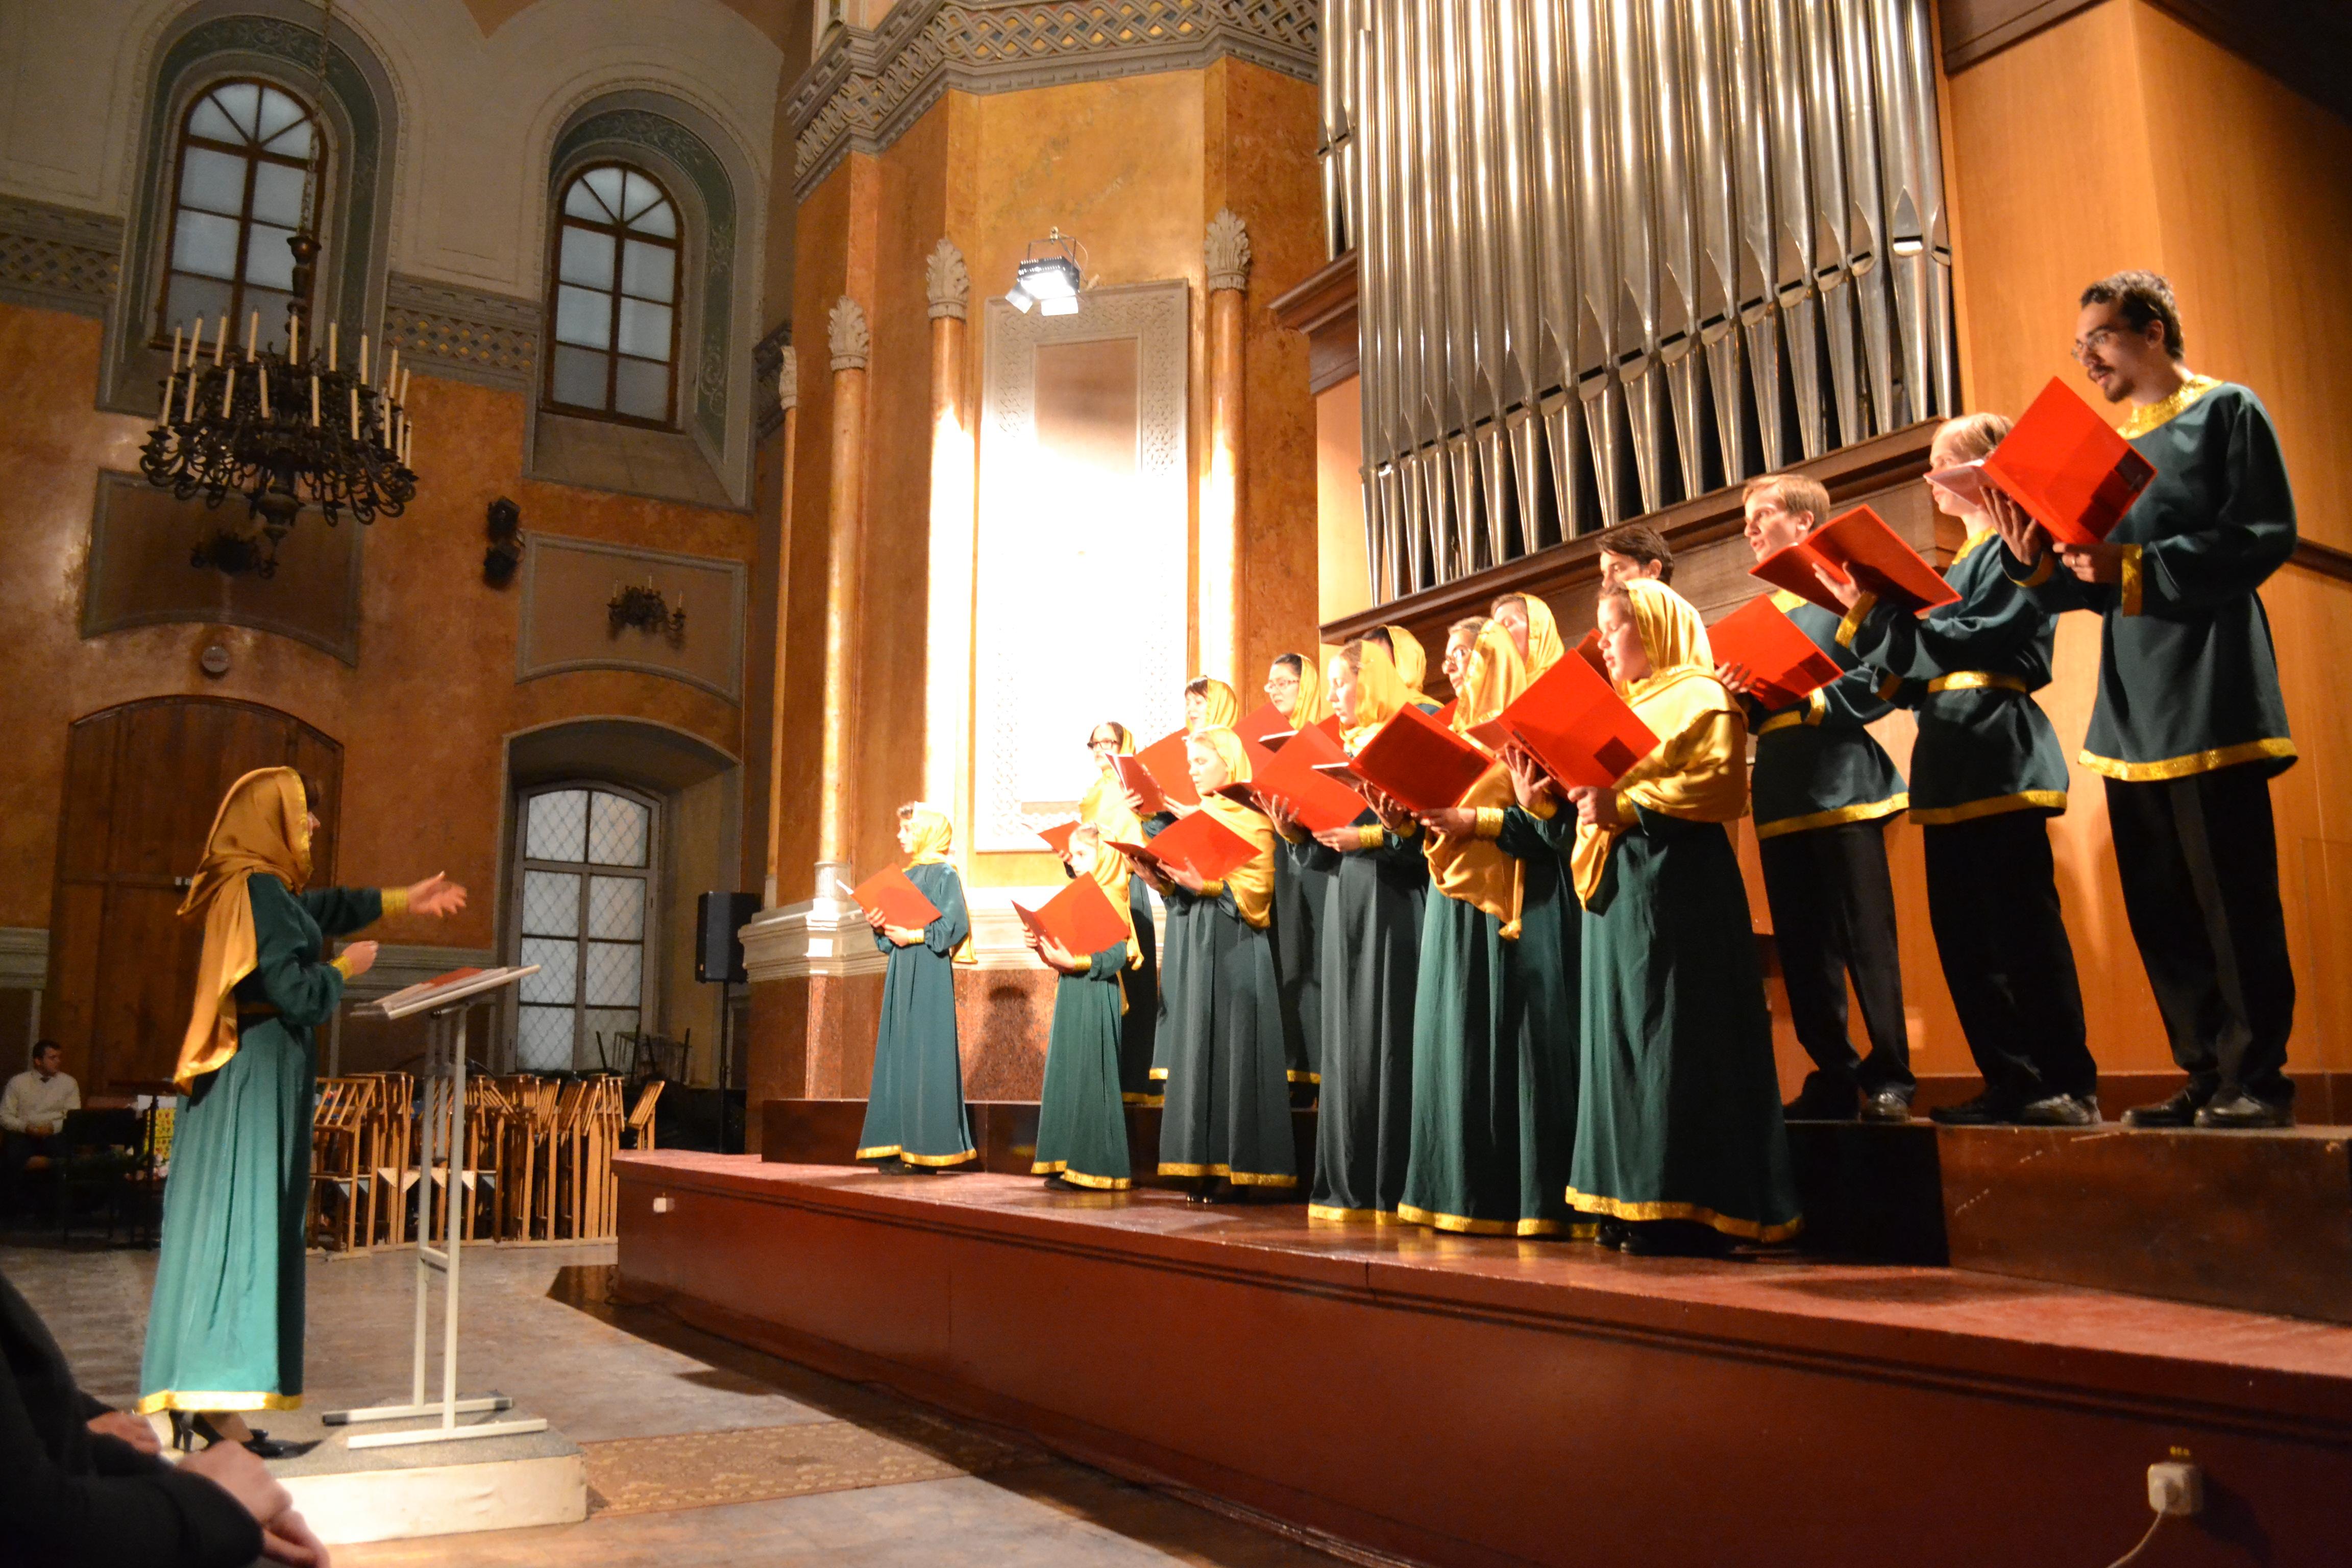 Духовная музыка  - прослушать музыку бесплатно, быстрый поиск музыки, онлайн радио, cкачать mp3 бесплатно, онлайн mp3 - dydka.com